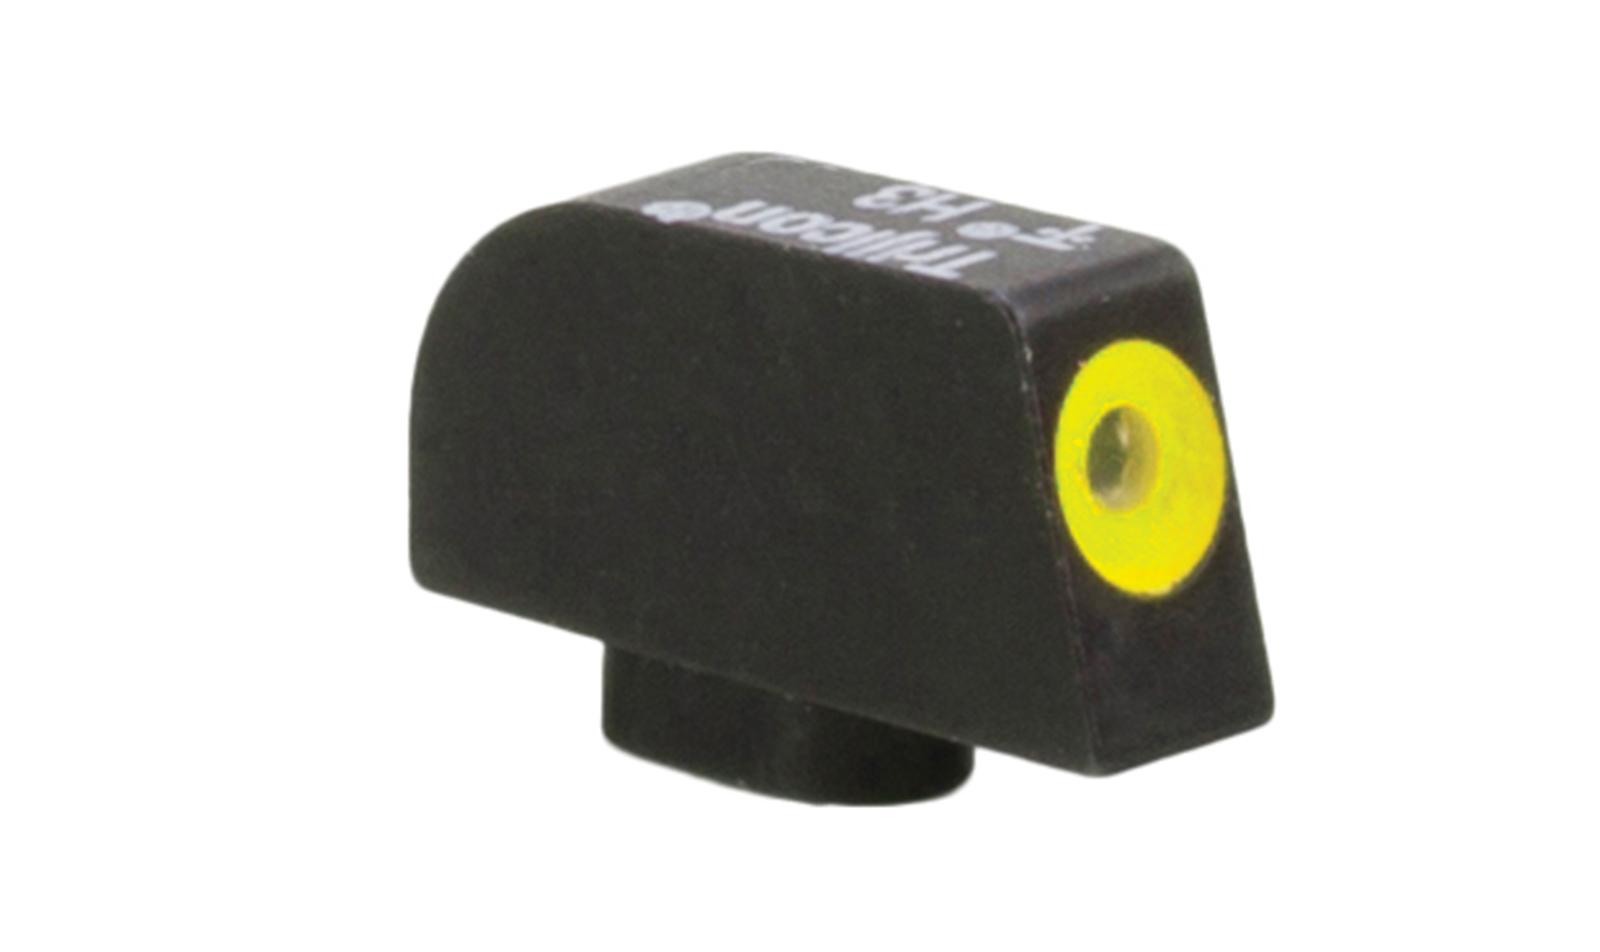 GL613-C-600847 angle 3